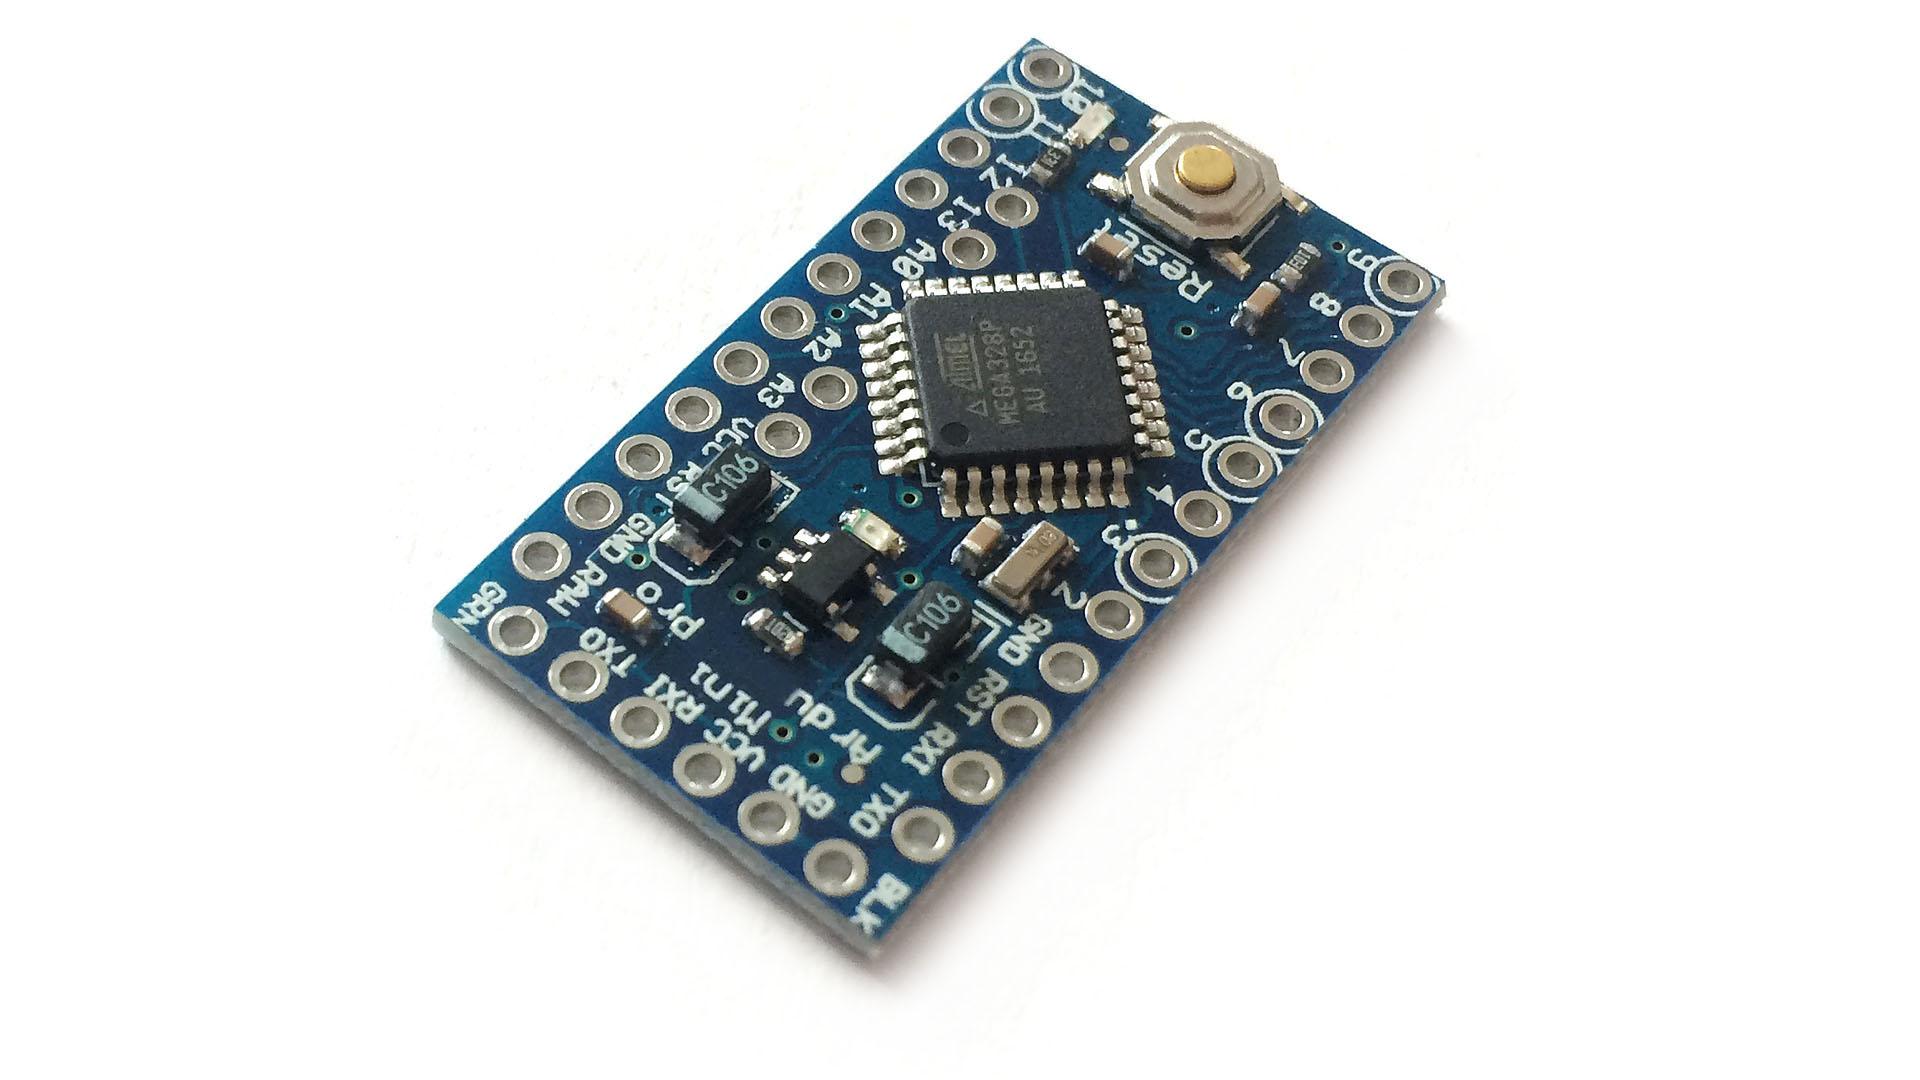 Nettigo: Arduino Pro Mini Clone ATMega328P 3 3V / 8MHz